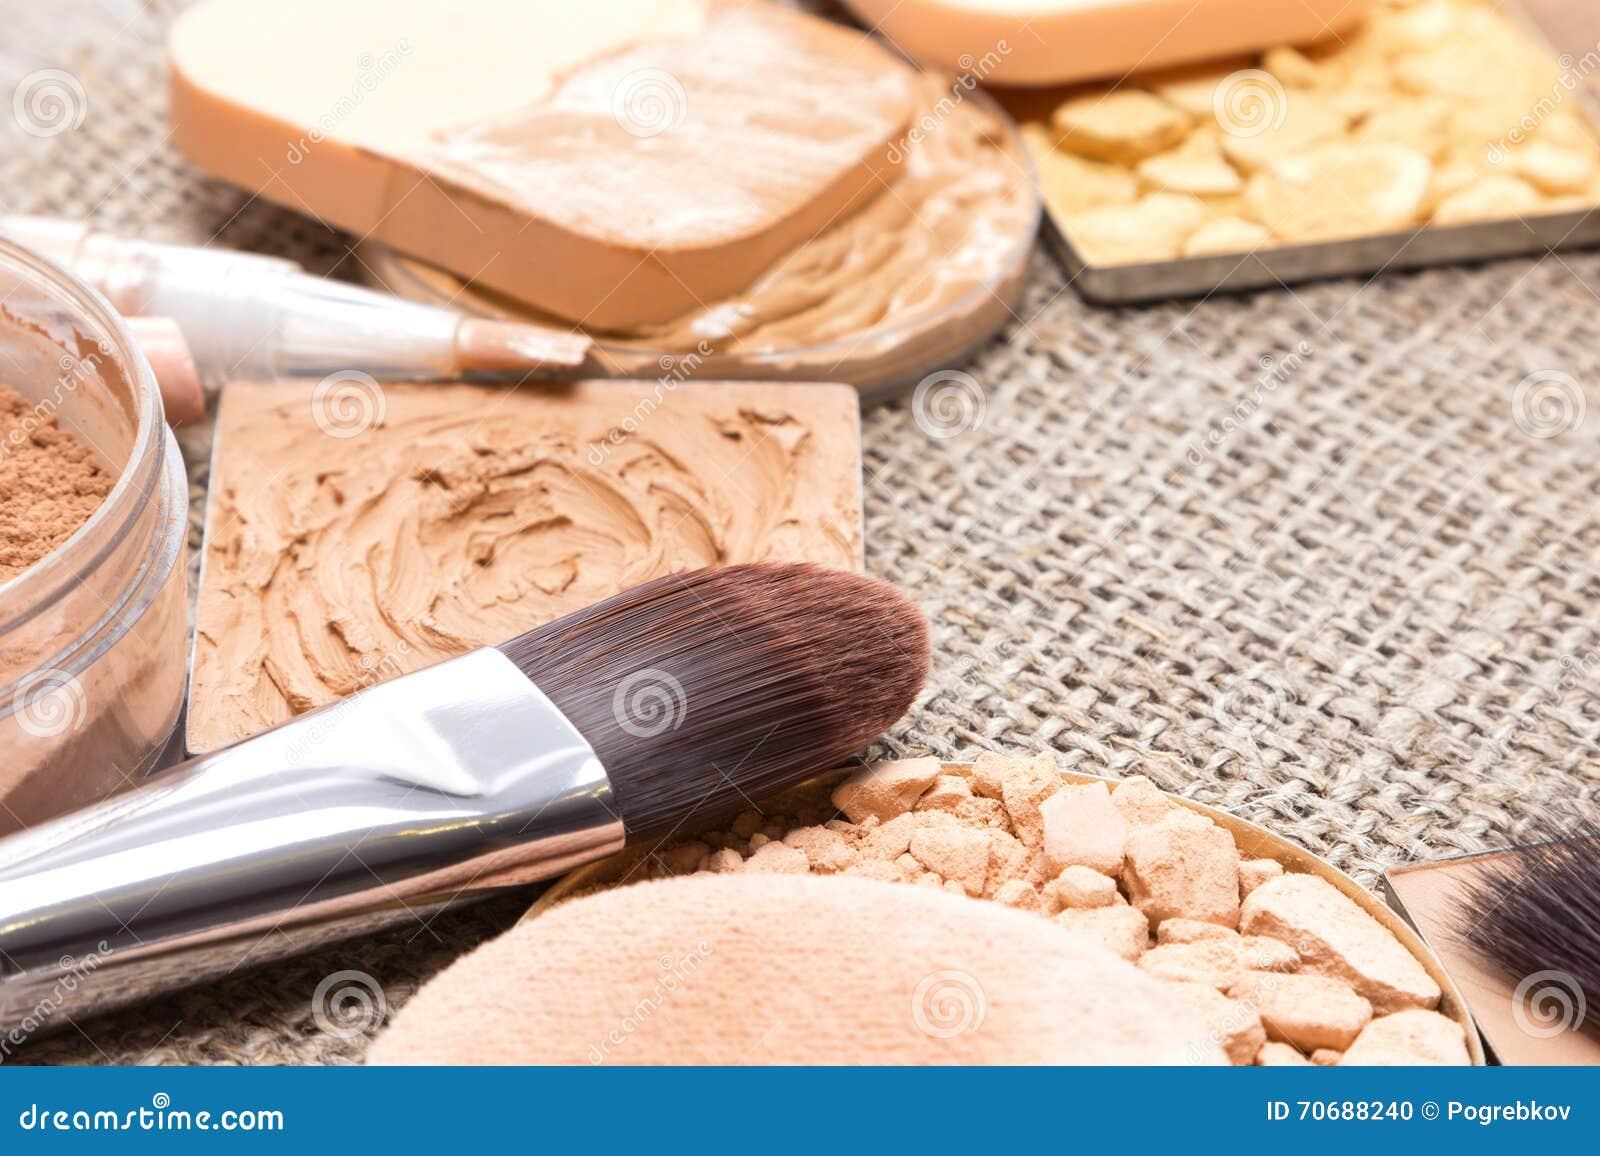 Makeup produkty parzysty, równy skóry brzmienie, cera i